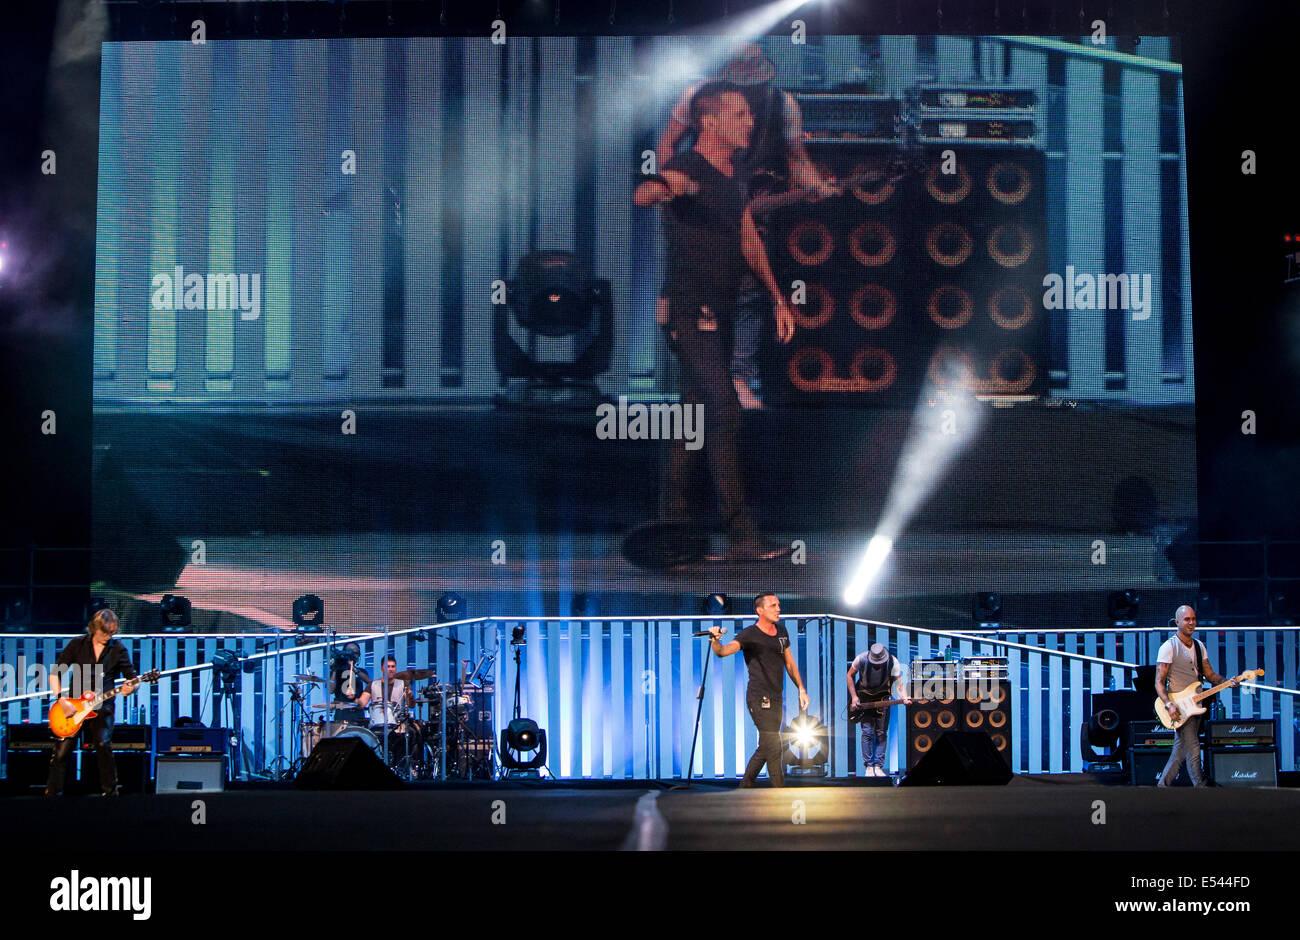 Milán, Italia. El 19 de julio de 2014. La banda de pop rock italiano de moda' actúa en directo en Imagen De Stock